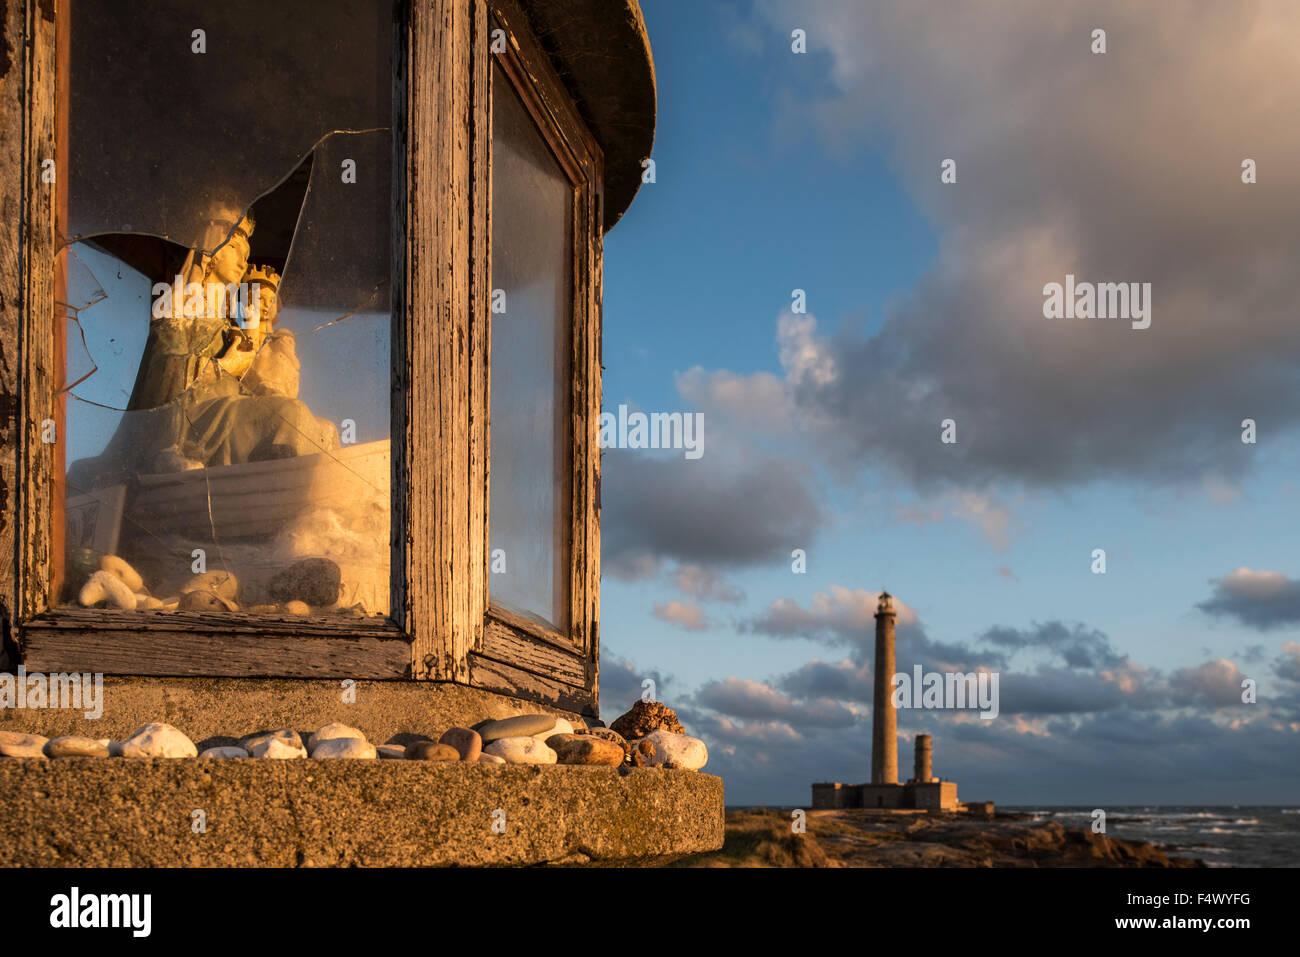 Fisherman's santuario delante de el faro de Gatteville Phare / Pointe de Barfleur luz al atardecer, Normandía, Francia Foto de stock